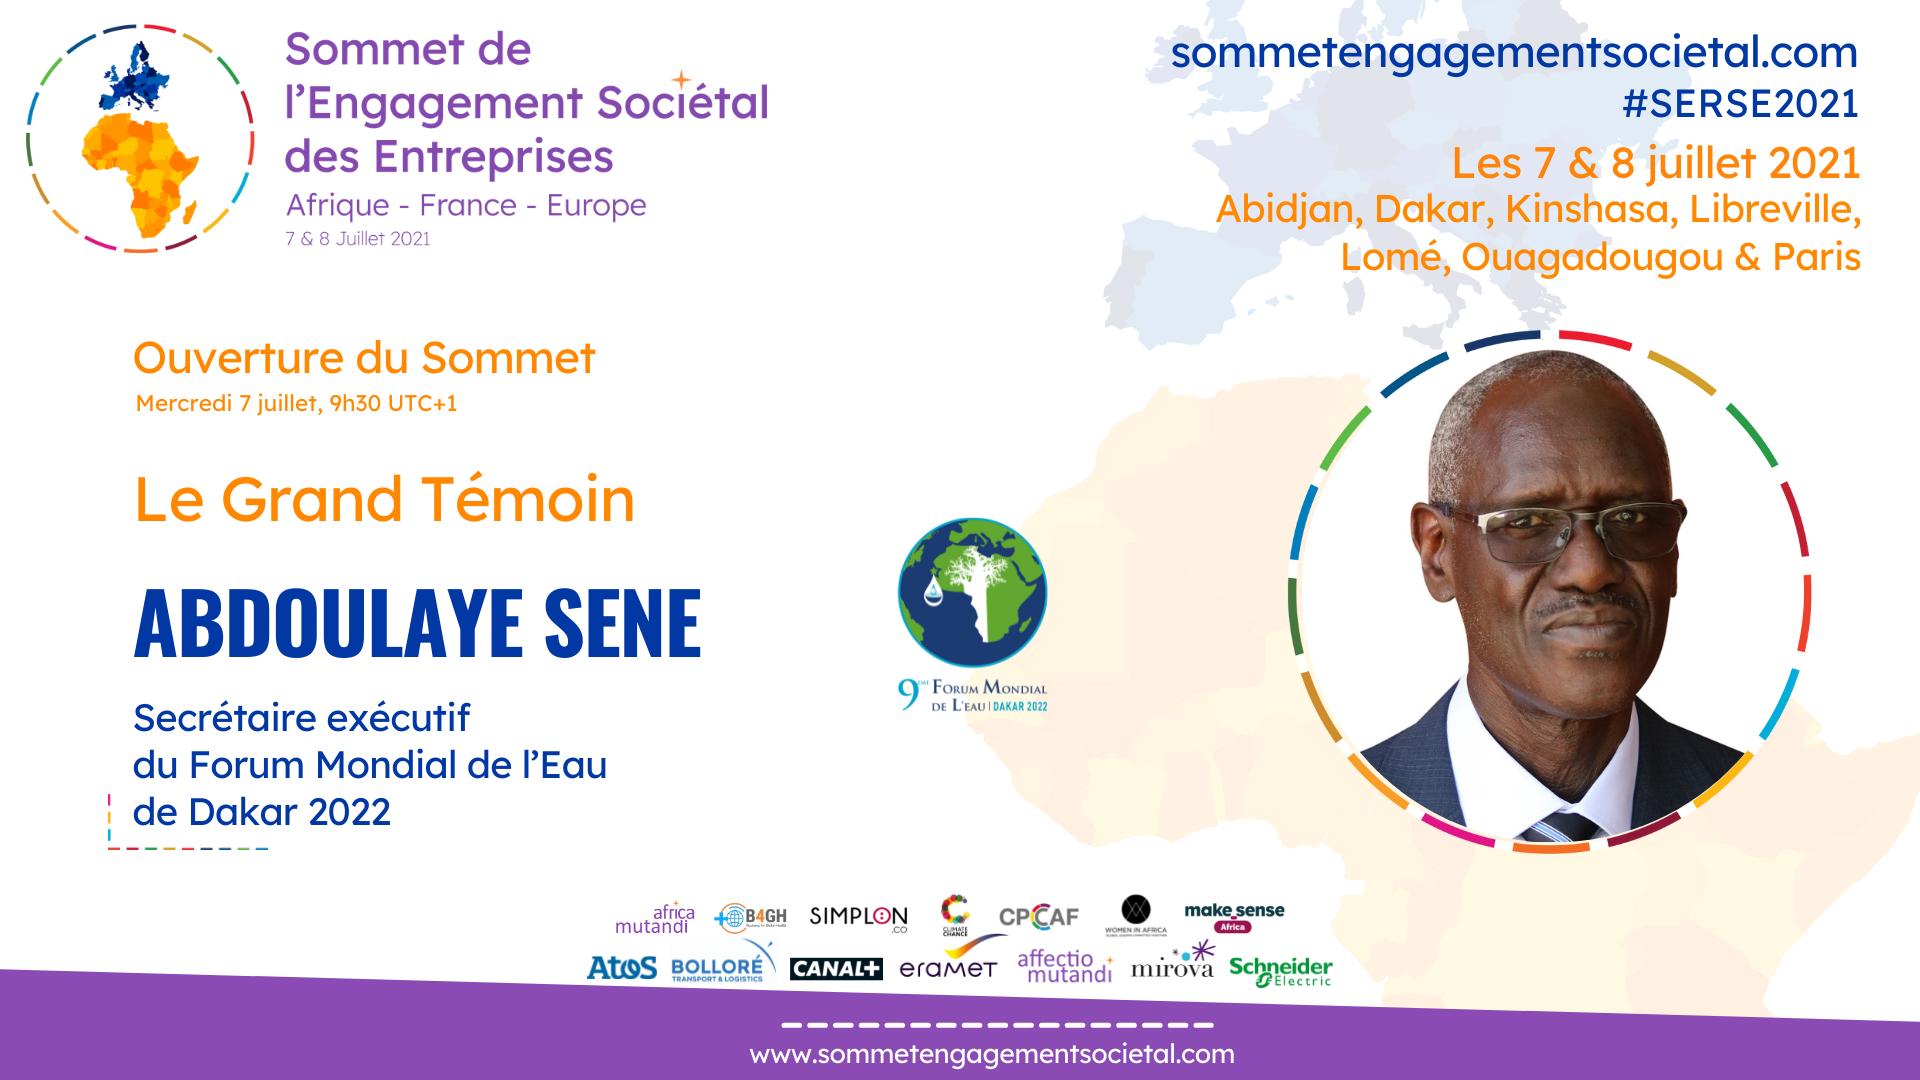 Pour Abdoulaye Sene, inscrire la RSE dans le cadre d'une action collective et collaborative est nécessaire